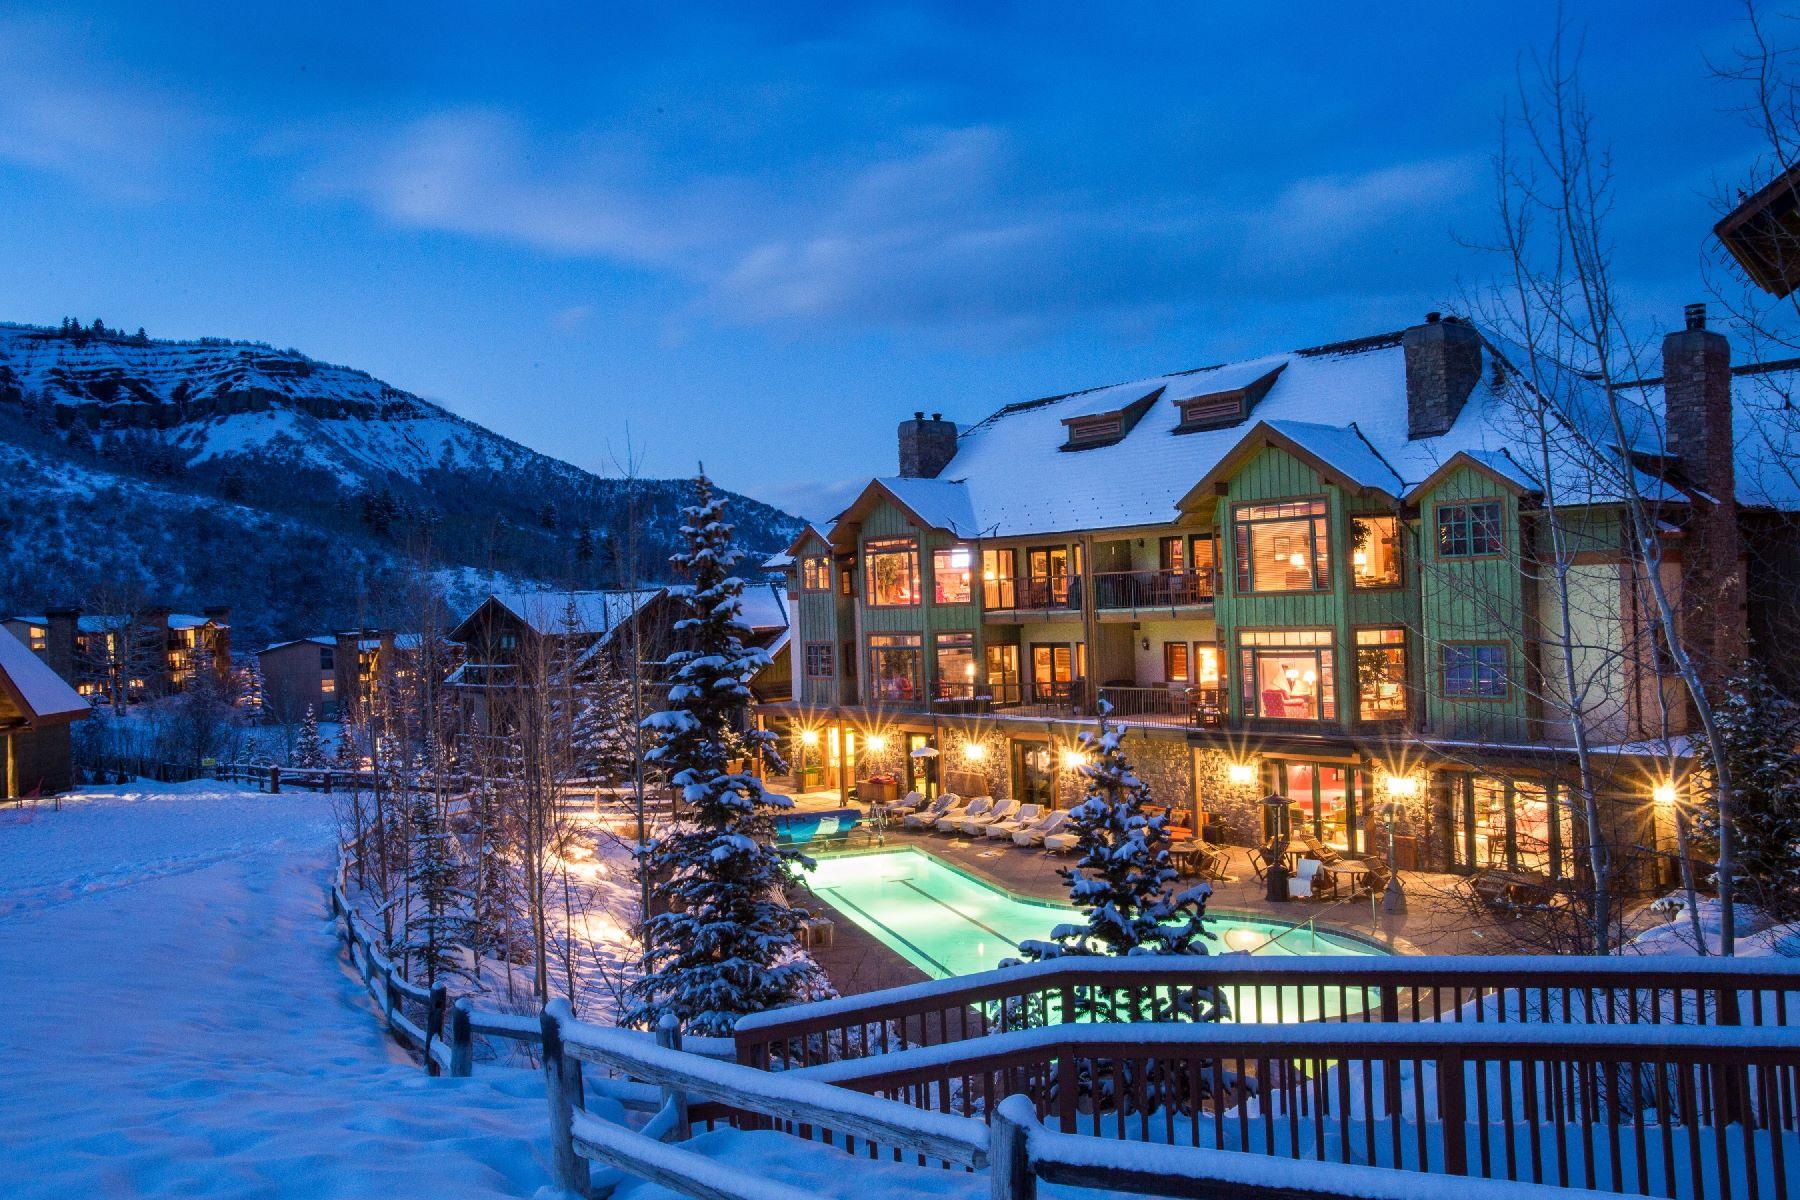 部分所有權 為 出售 在 65 Timbers Club Court 65 Timbers Club Court A2-VI Snowmass Village, 科羅拉多州, 81615 美國